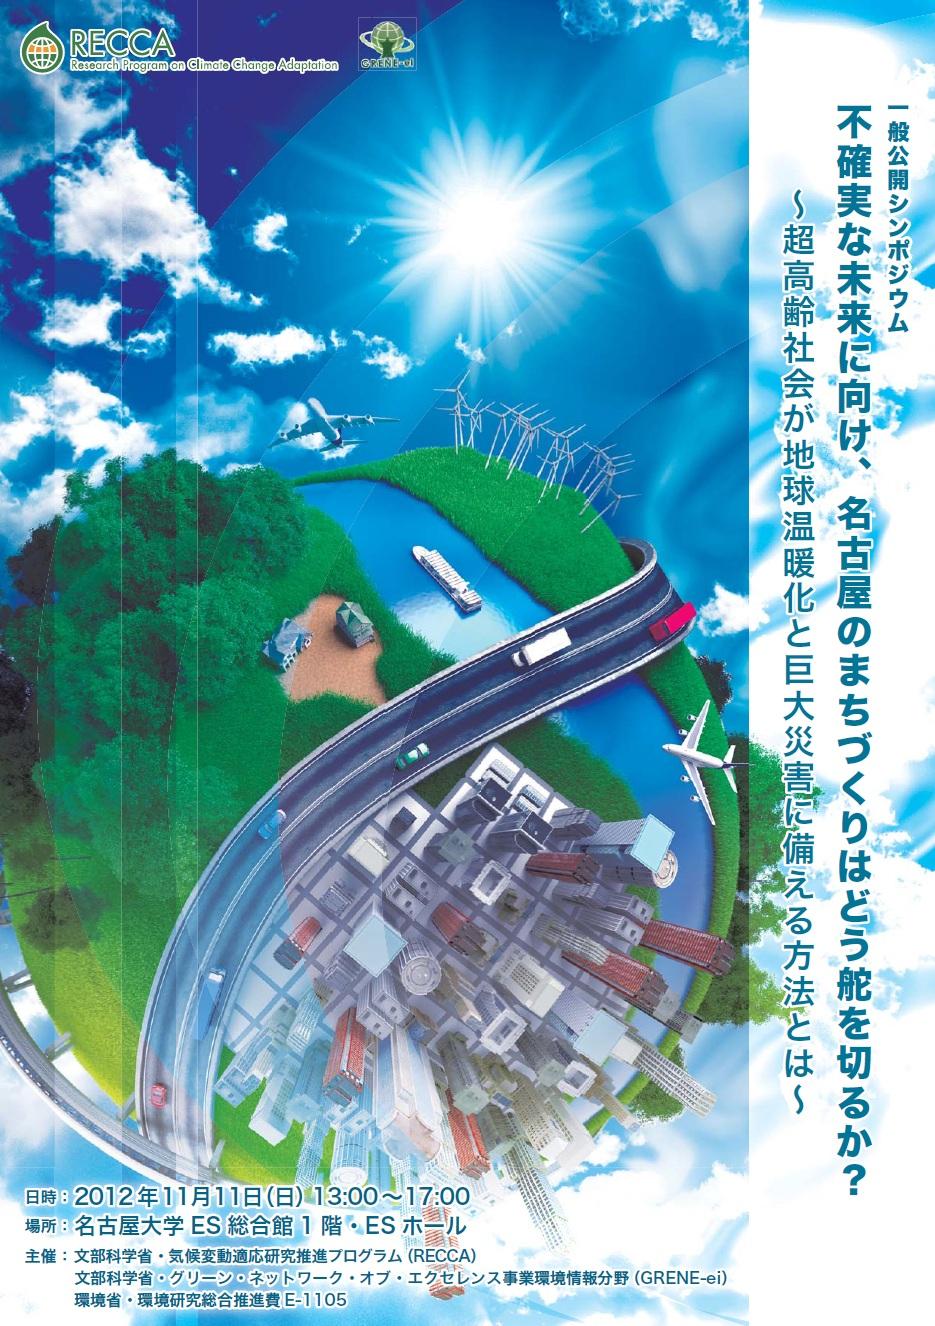 Symposiumunagoya20121111_2